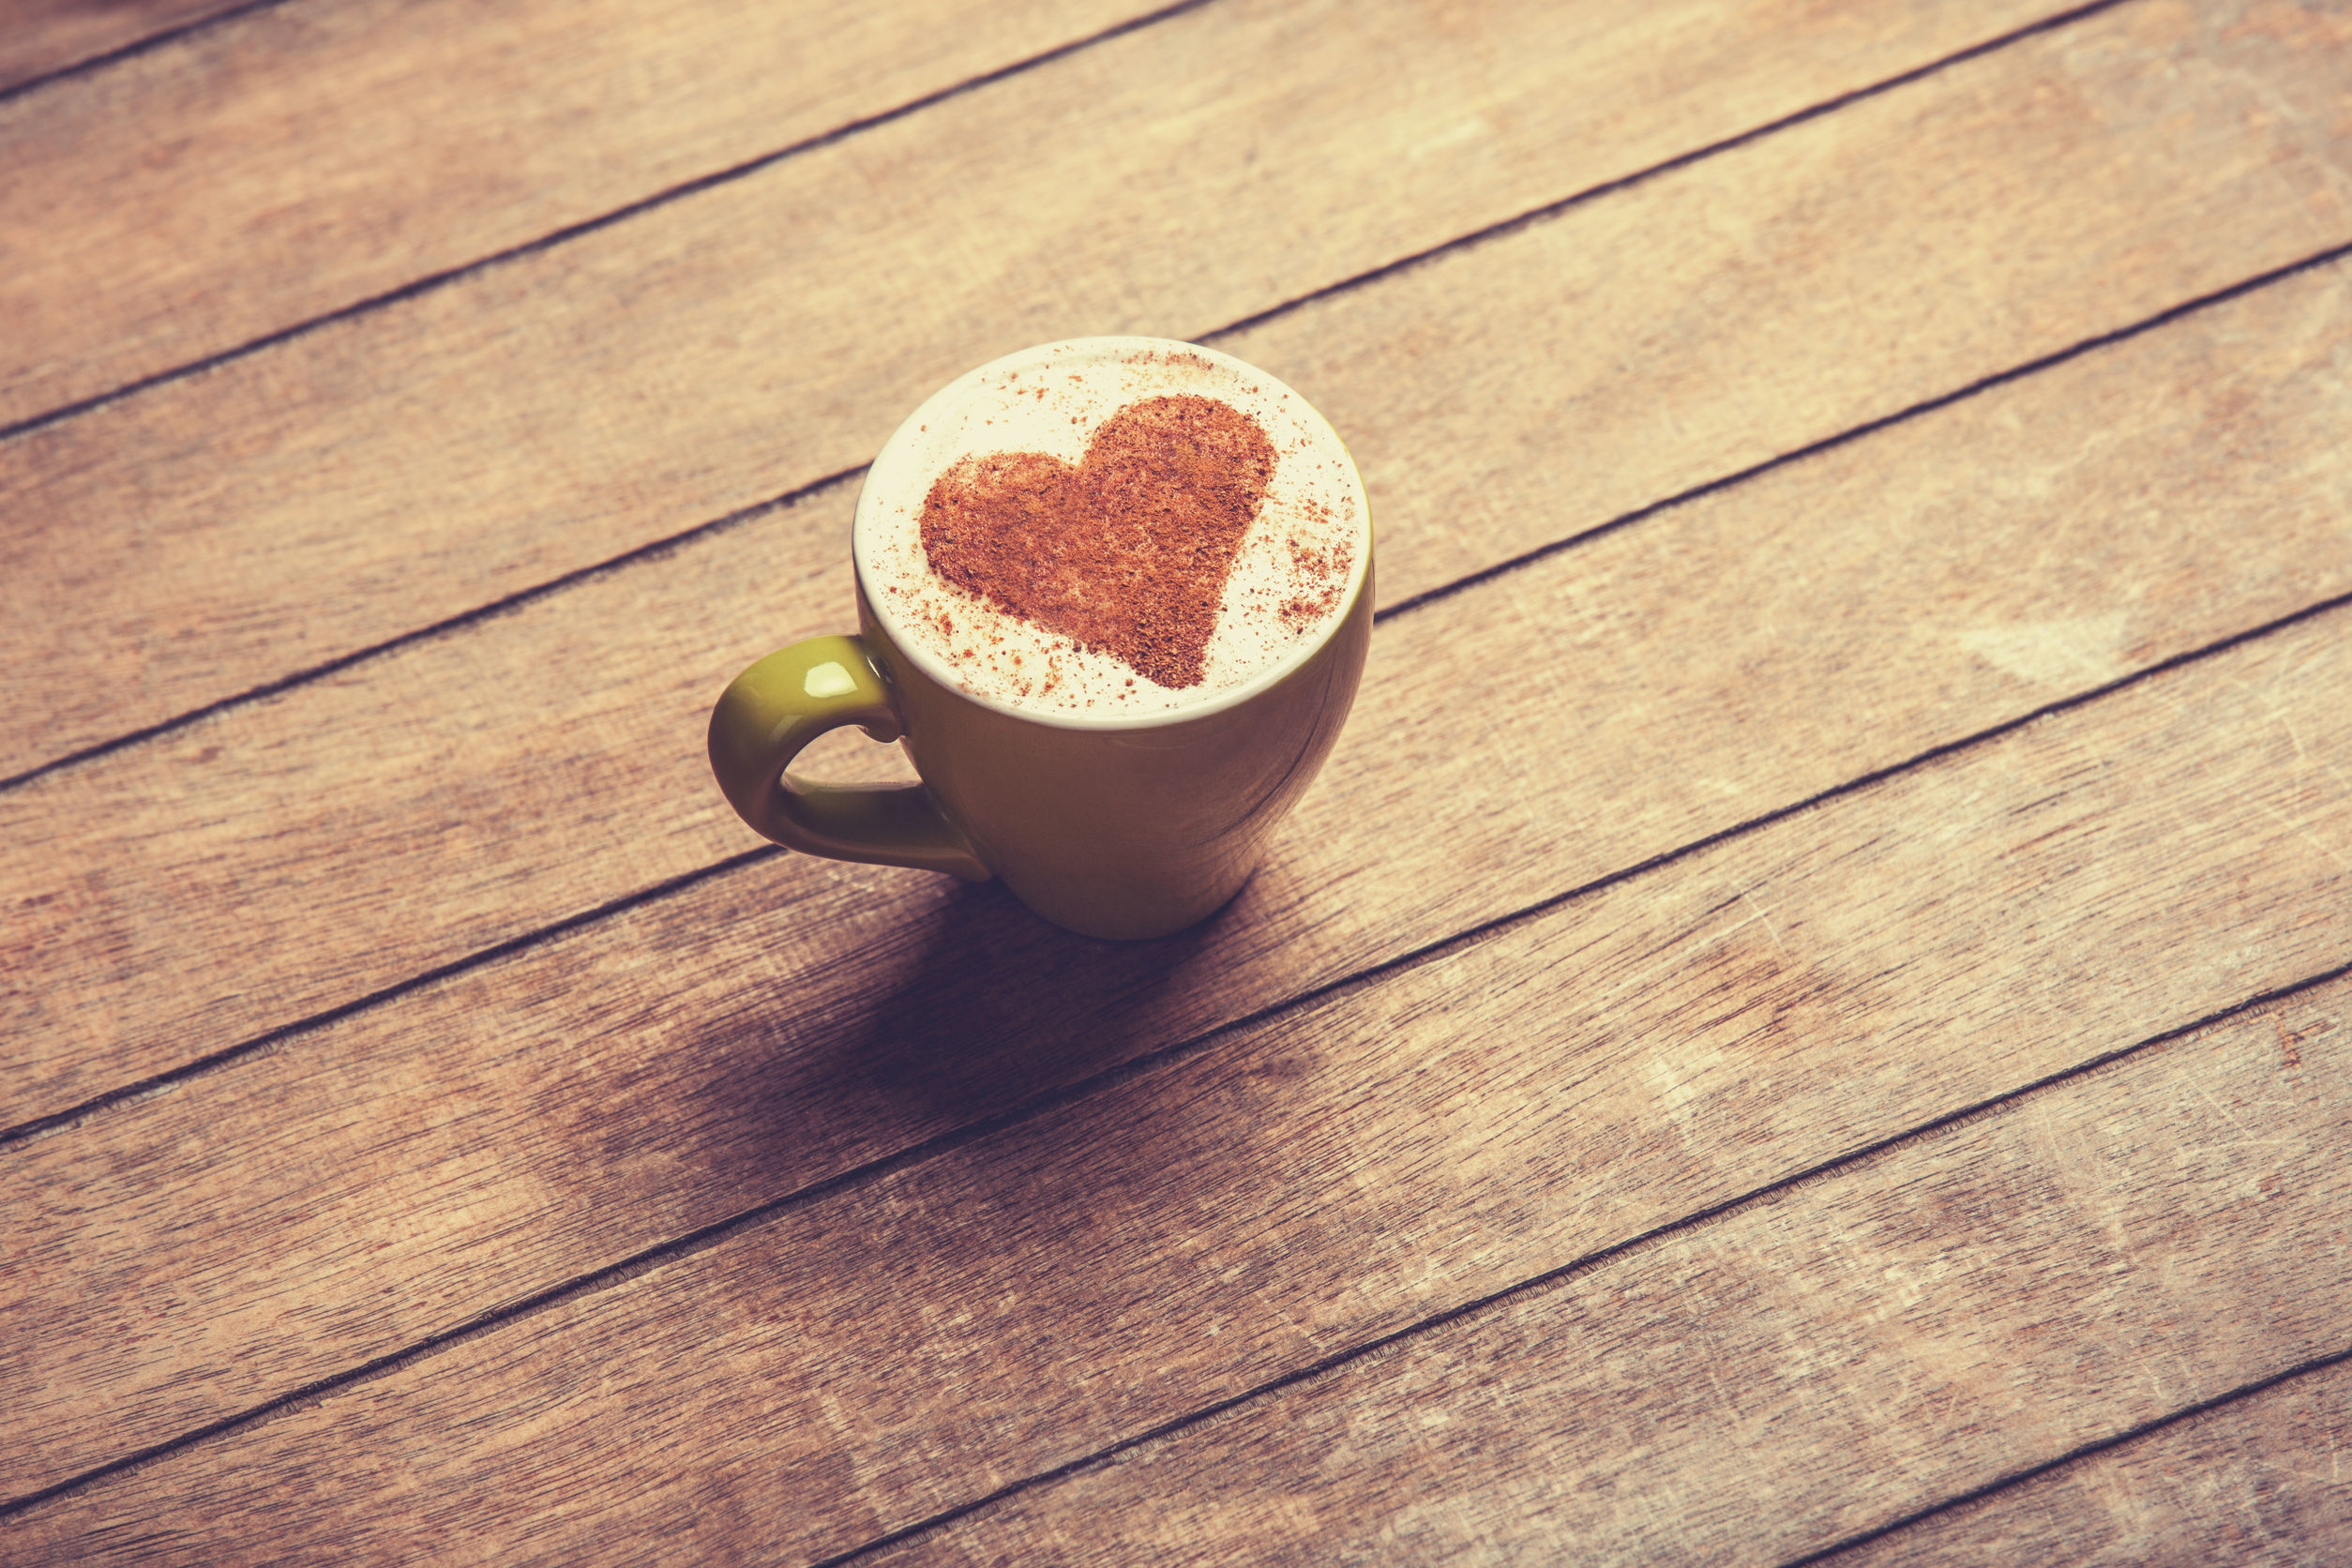 обои на рабочий стол чашка кофе и шоколад № 246775 бесплатно